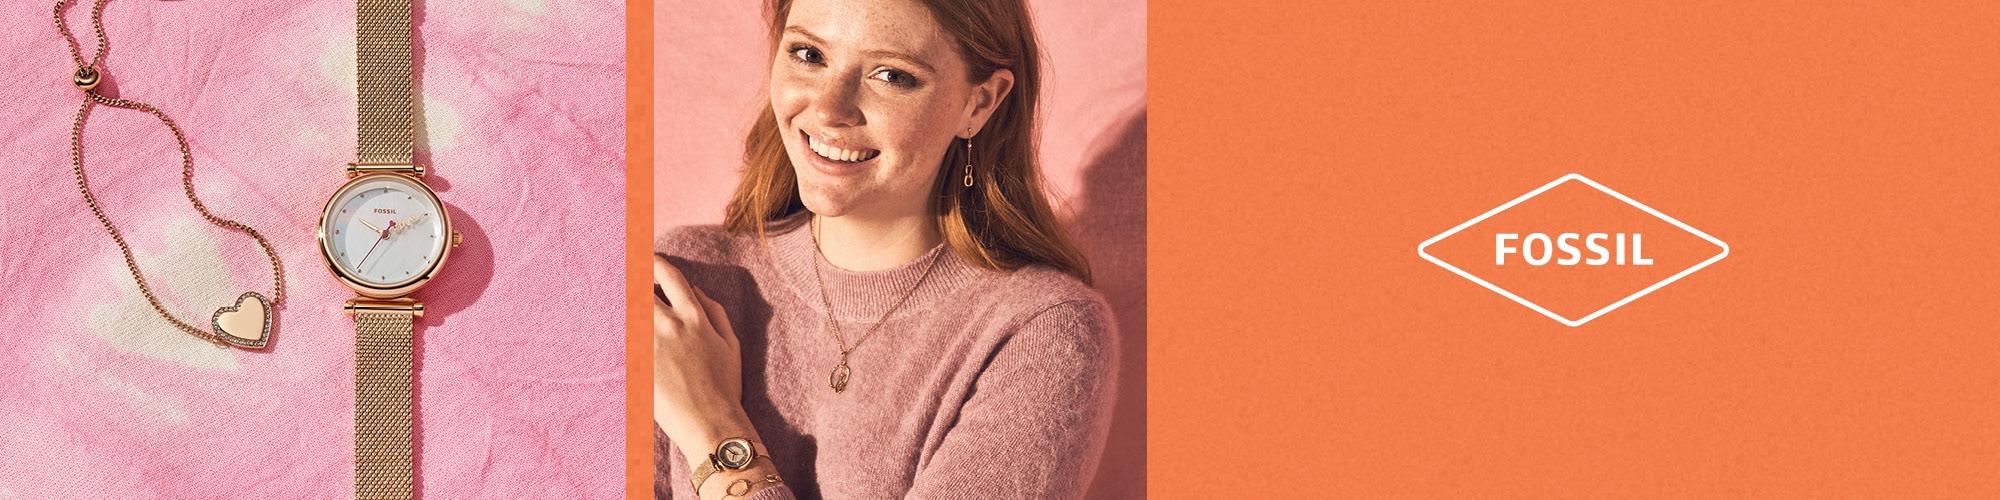 Damen-Armbänder